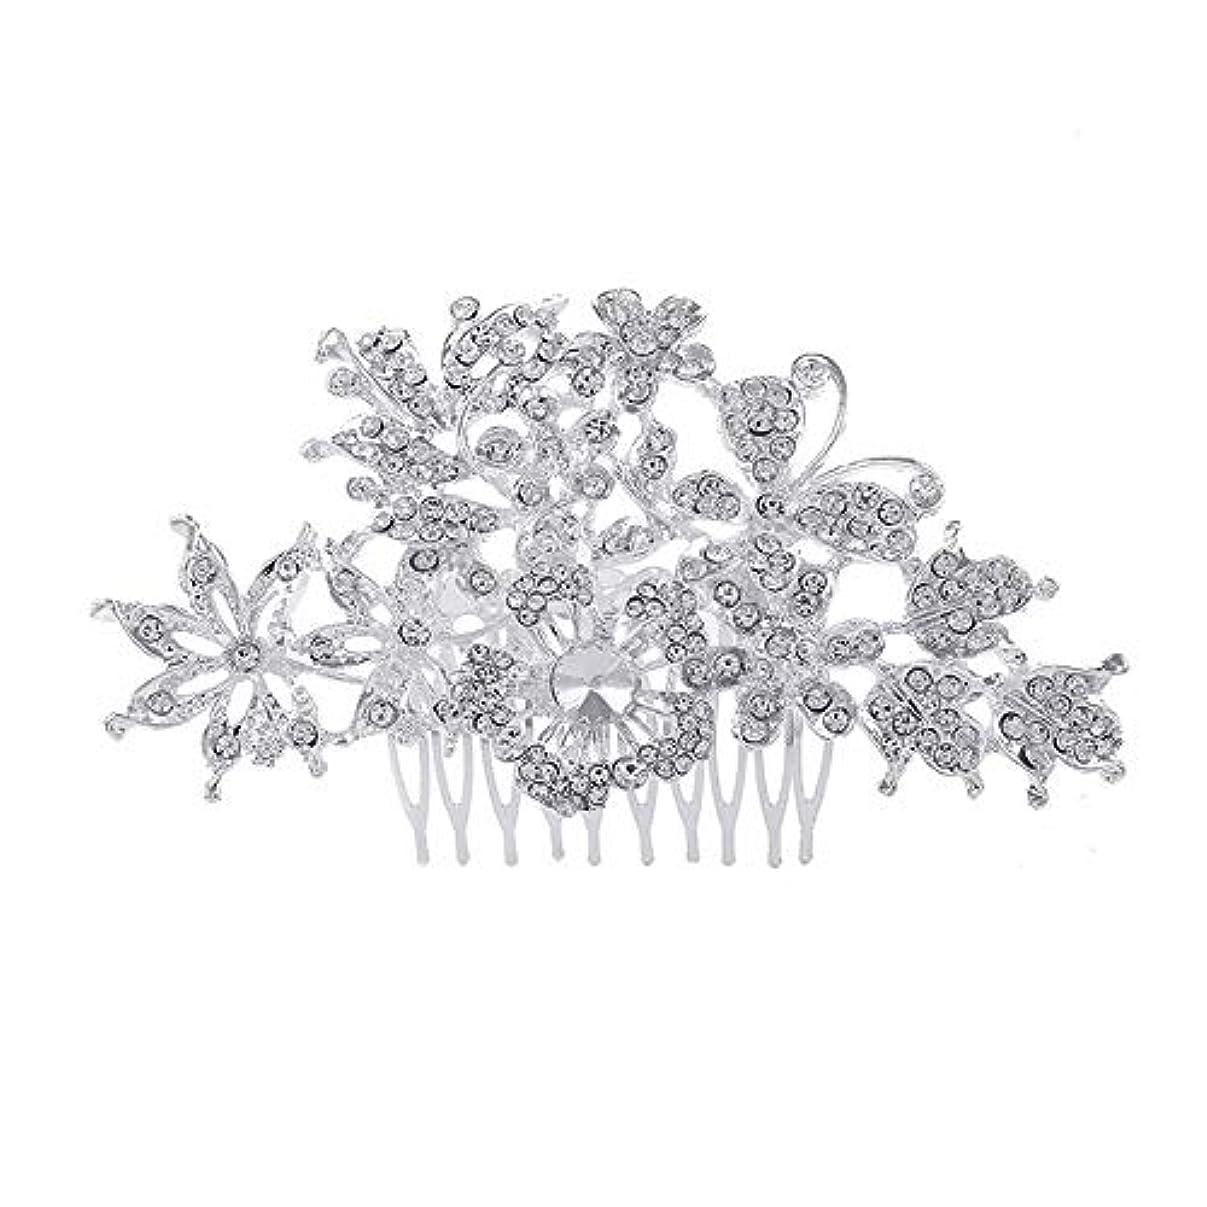 支出プロフィール磁器髪の櫛、櫛、花嫁の髪の櫛、亜鉛合金、結婚式のアクセサリー、髪の櫛、髪のアクセサリー、髪の櫛、ラインストーンの櫛